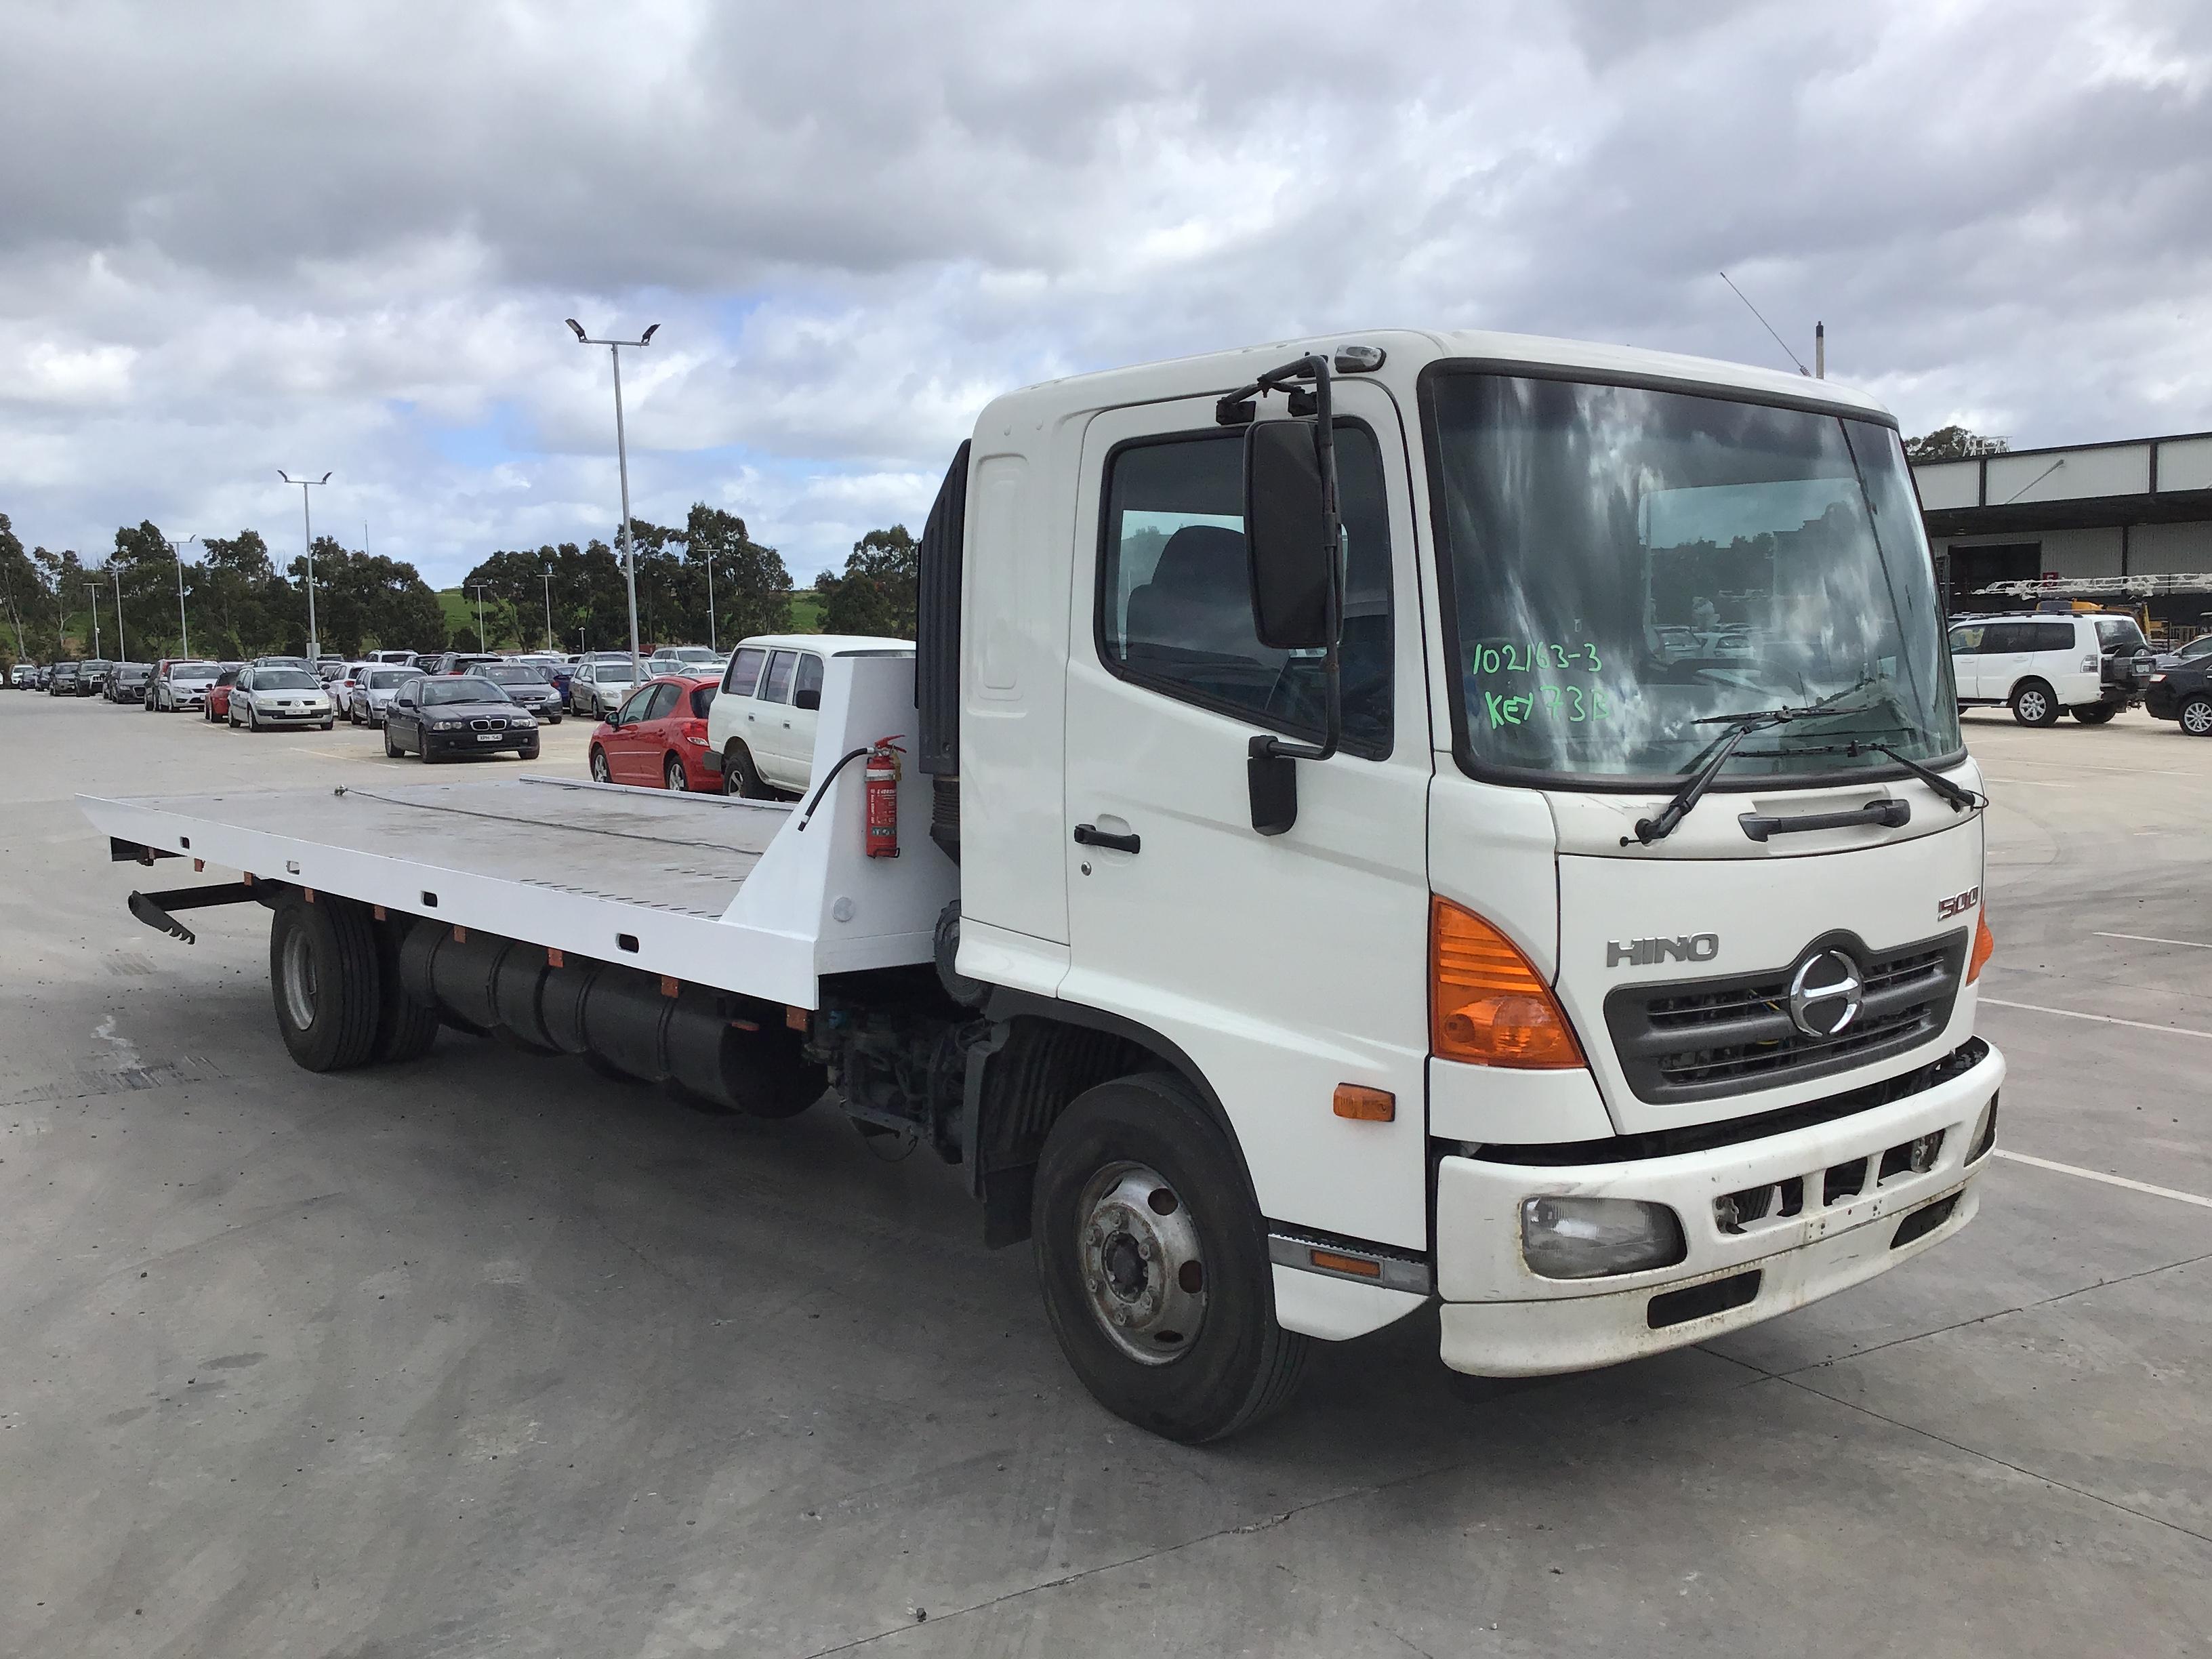 2006 Hino FD 500 4 x 2 Tilt Tray Truck